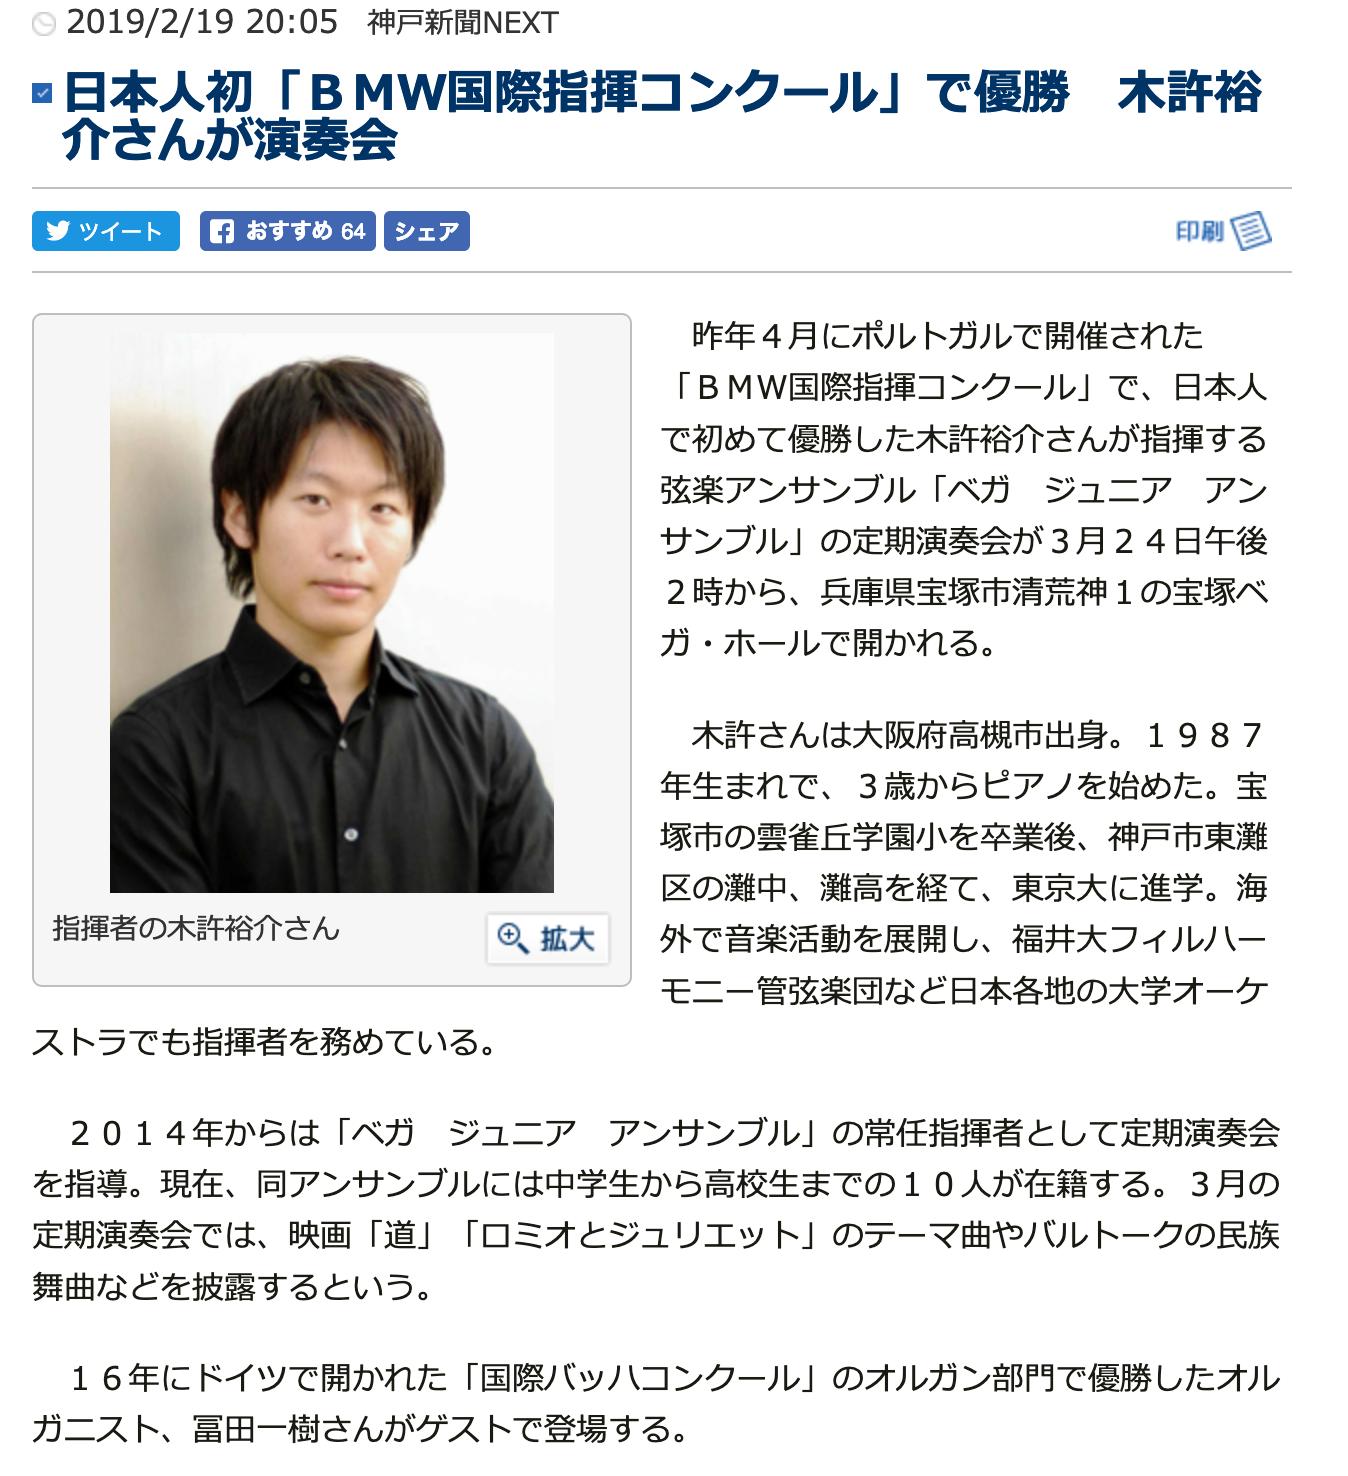 神戸新聞2月19日